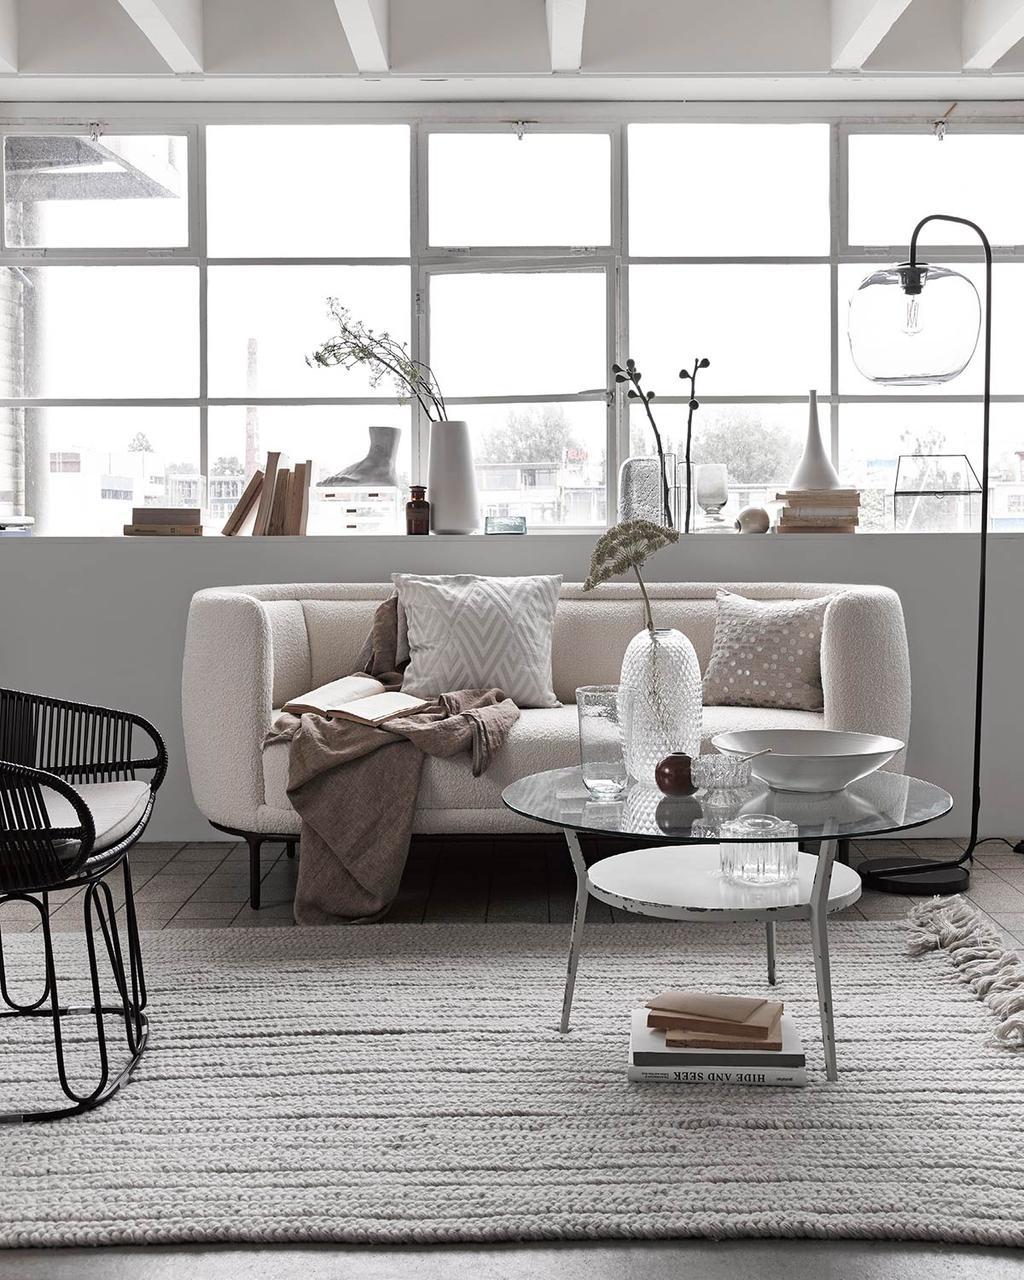 Glas in huis: witte bank met glazen salontafels